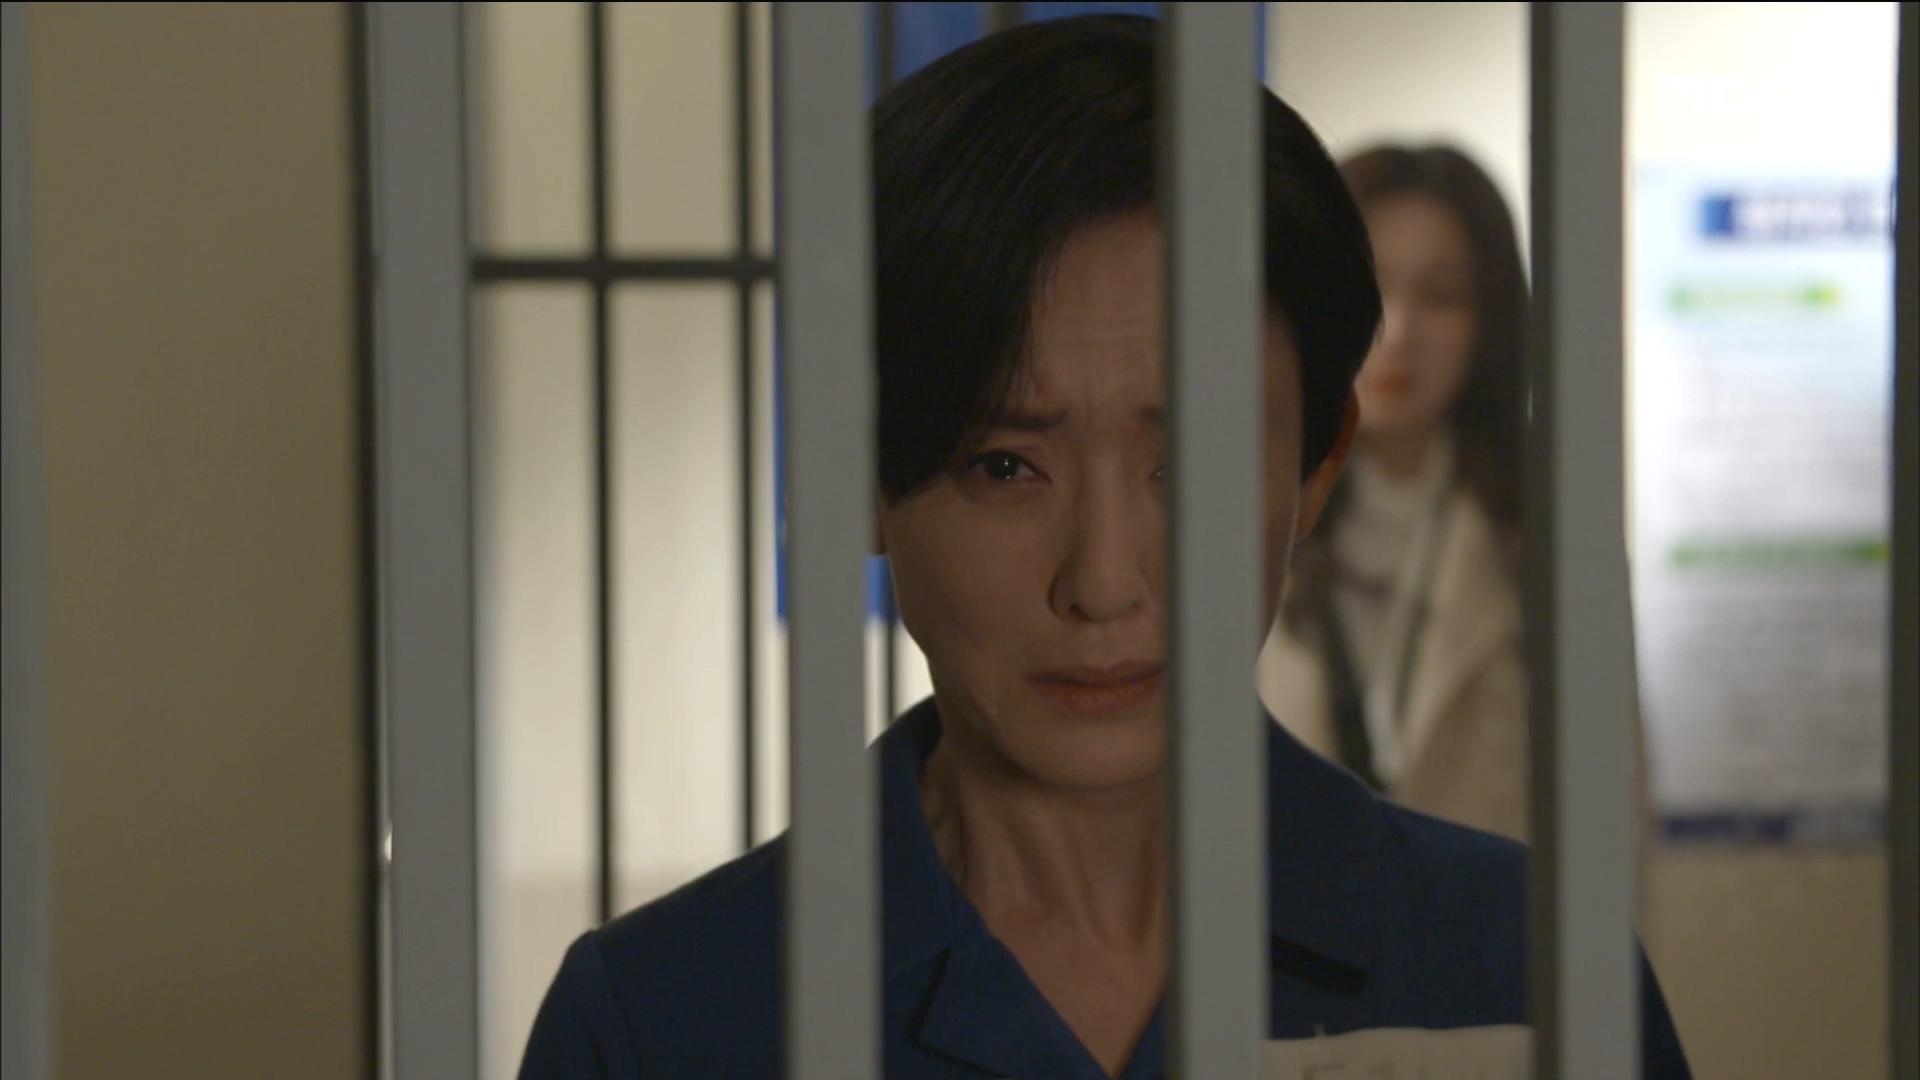 뒤돌아 눈물 삼키는 이유리-윤다경 모녀, '내가 애틋한 적 없었어?'